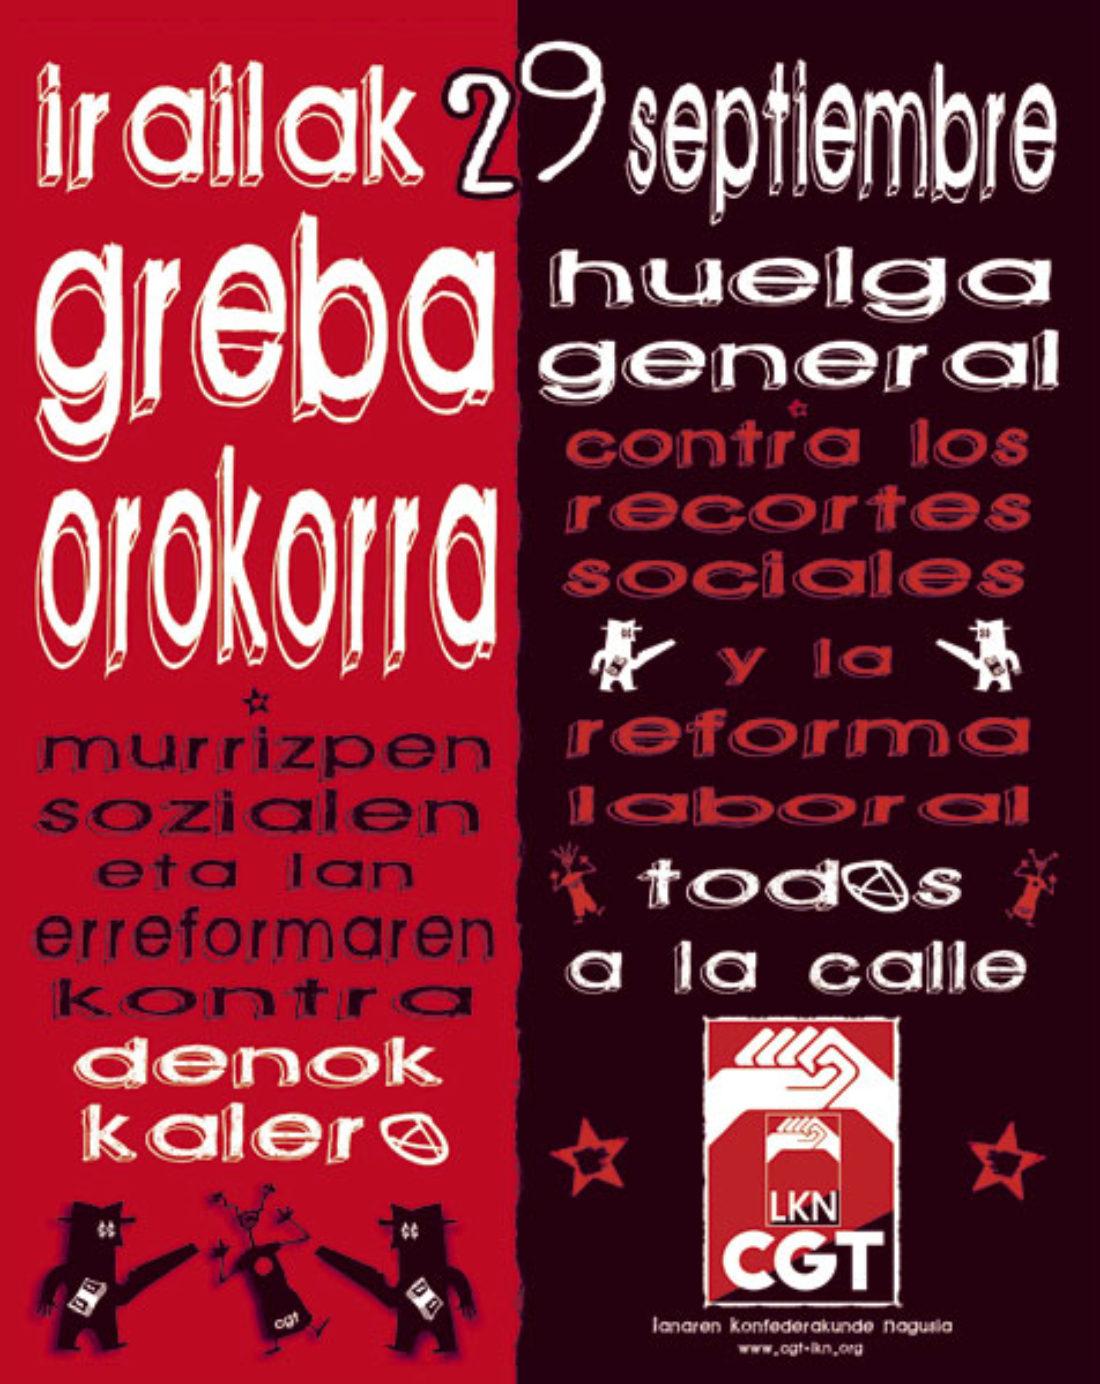 Vitoria-Gasteiz, 15 de Septiembre: Charla-Debate y Manifestación